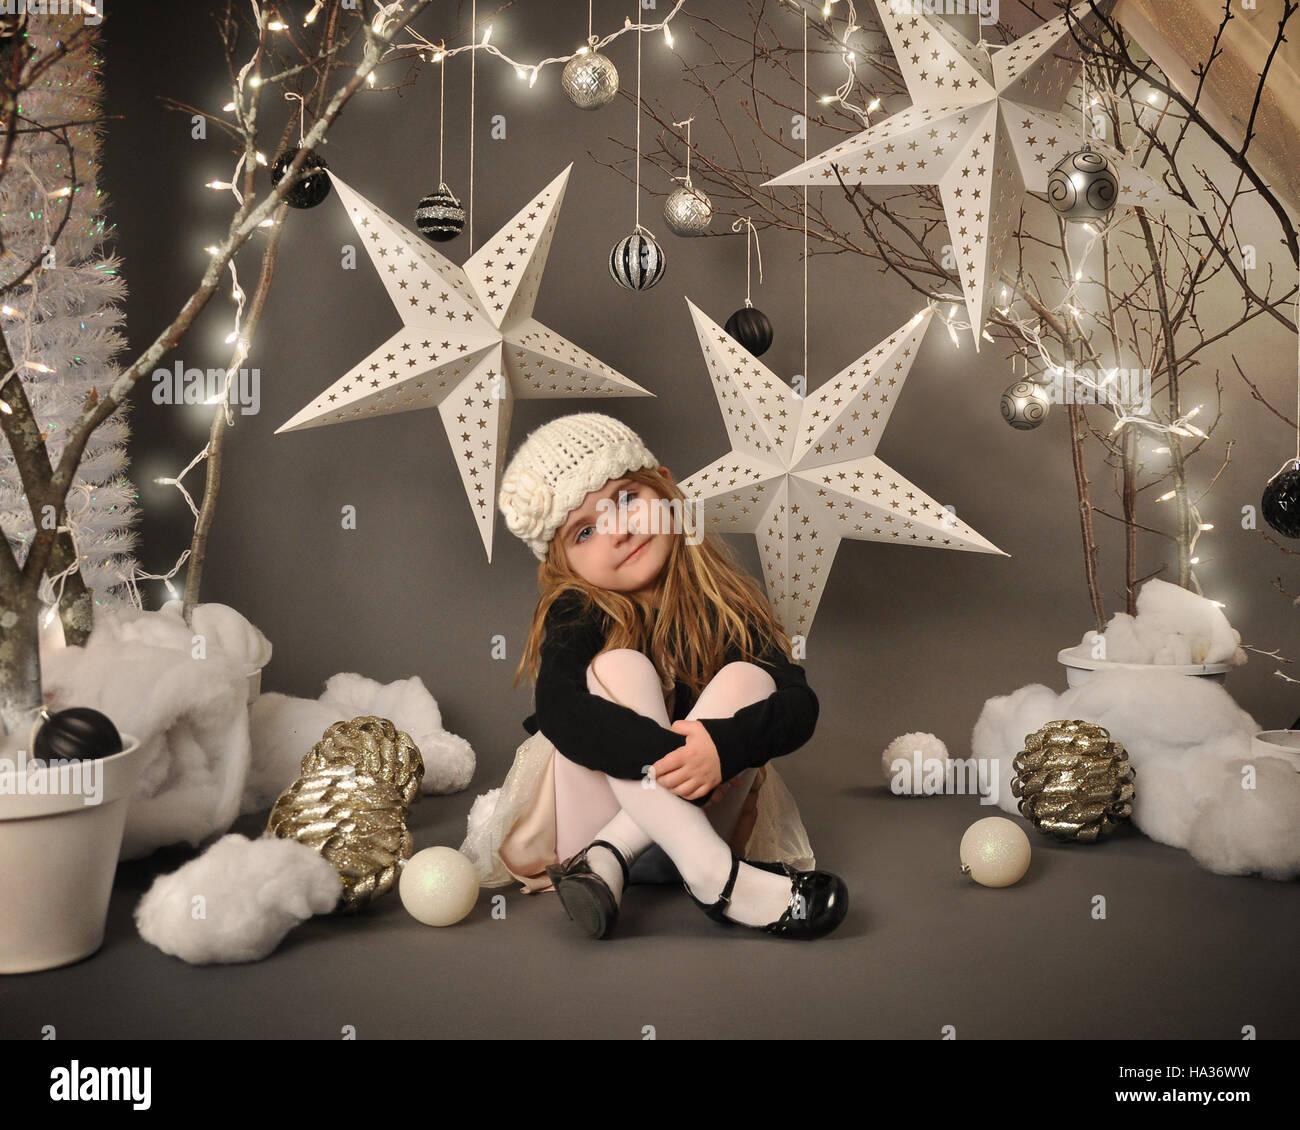 Une petite fille est assise dans une féerie d'hiver setip avec arbres, pendaison des étoiles et les lumières de Noël autour de l'arrière-plan pour une saison ou maison de con Banque D'Images